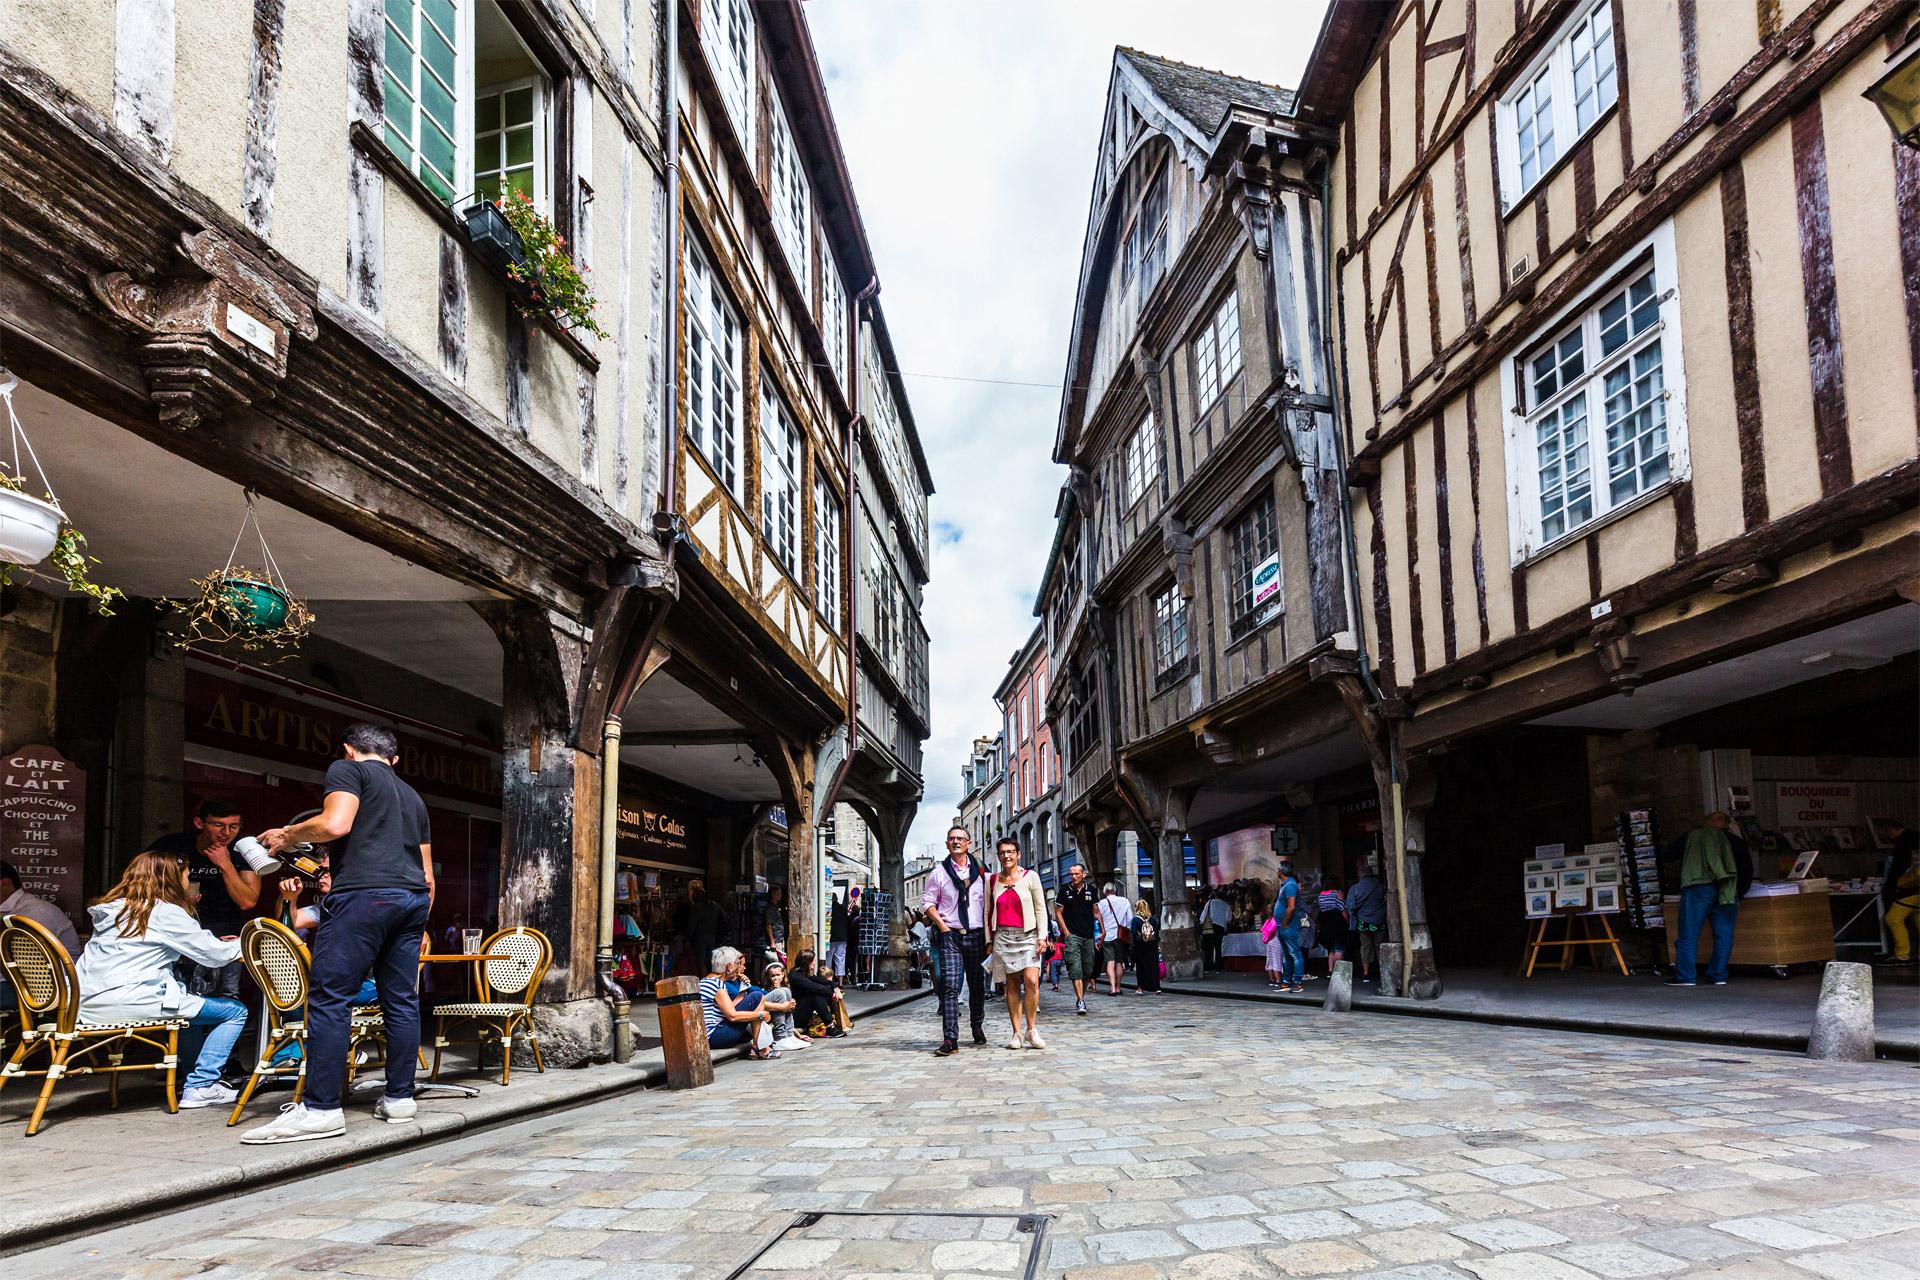 Rue de l'Apport, Dinan